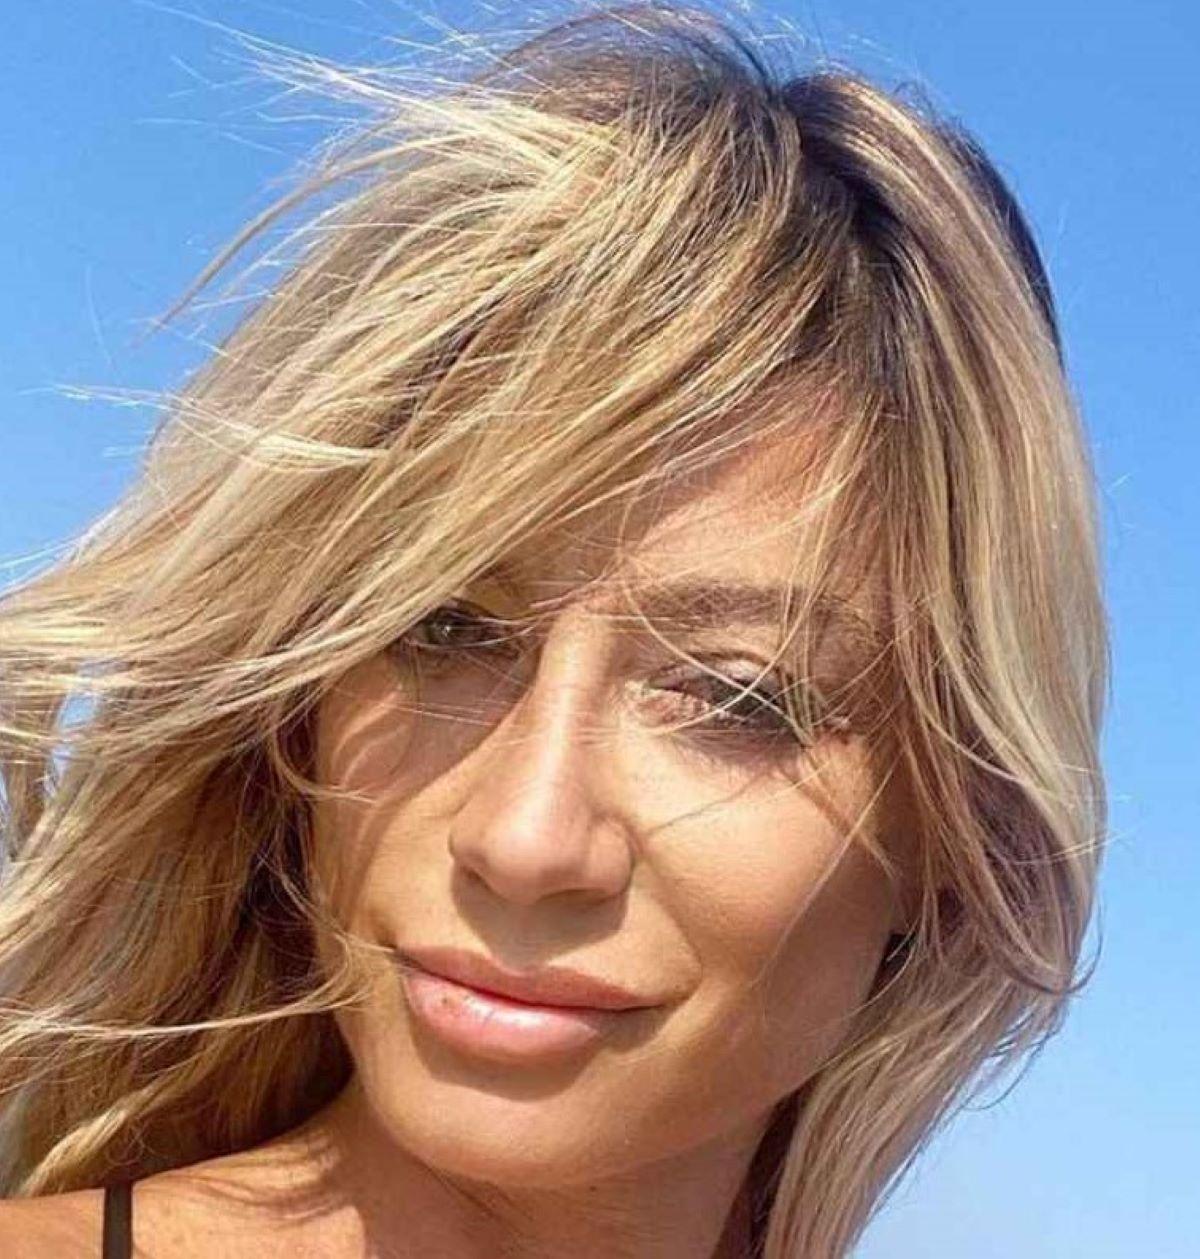 Maddalena Corvaglia Beccata Barca Paolo Berlusconi